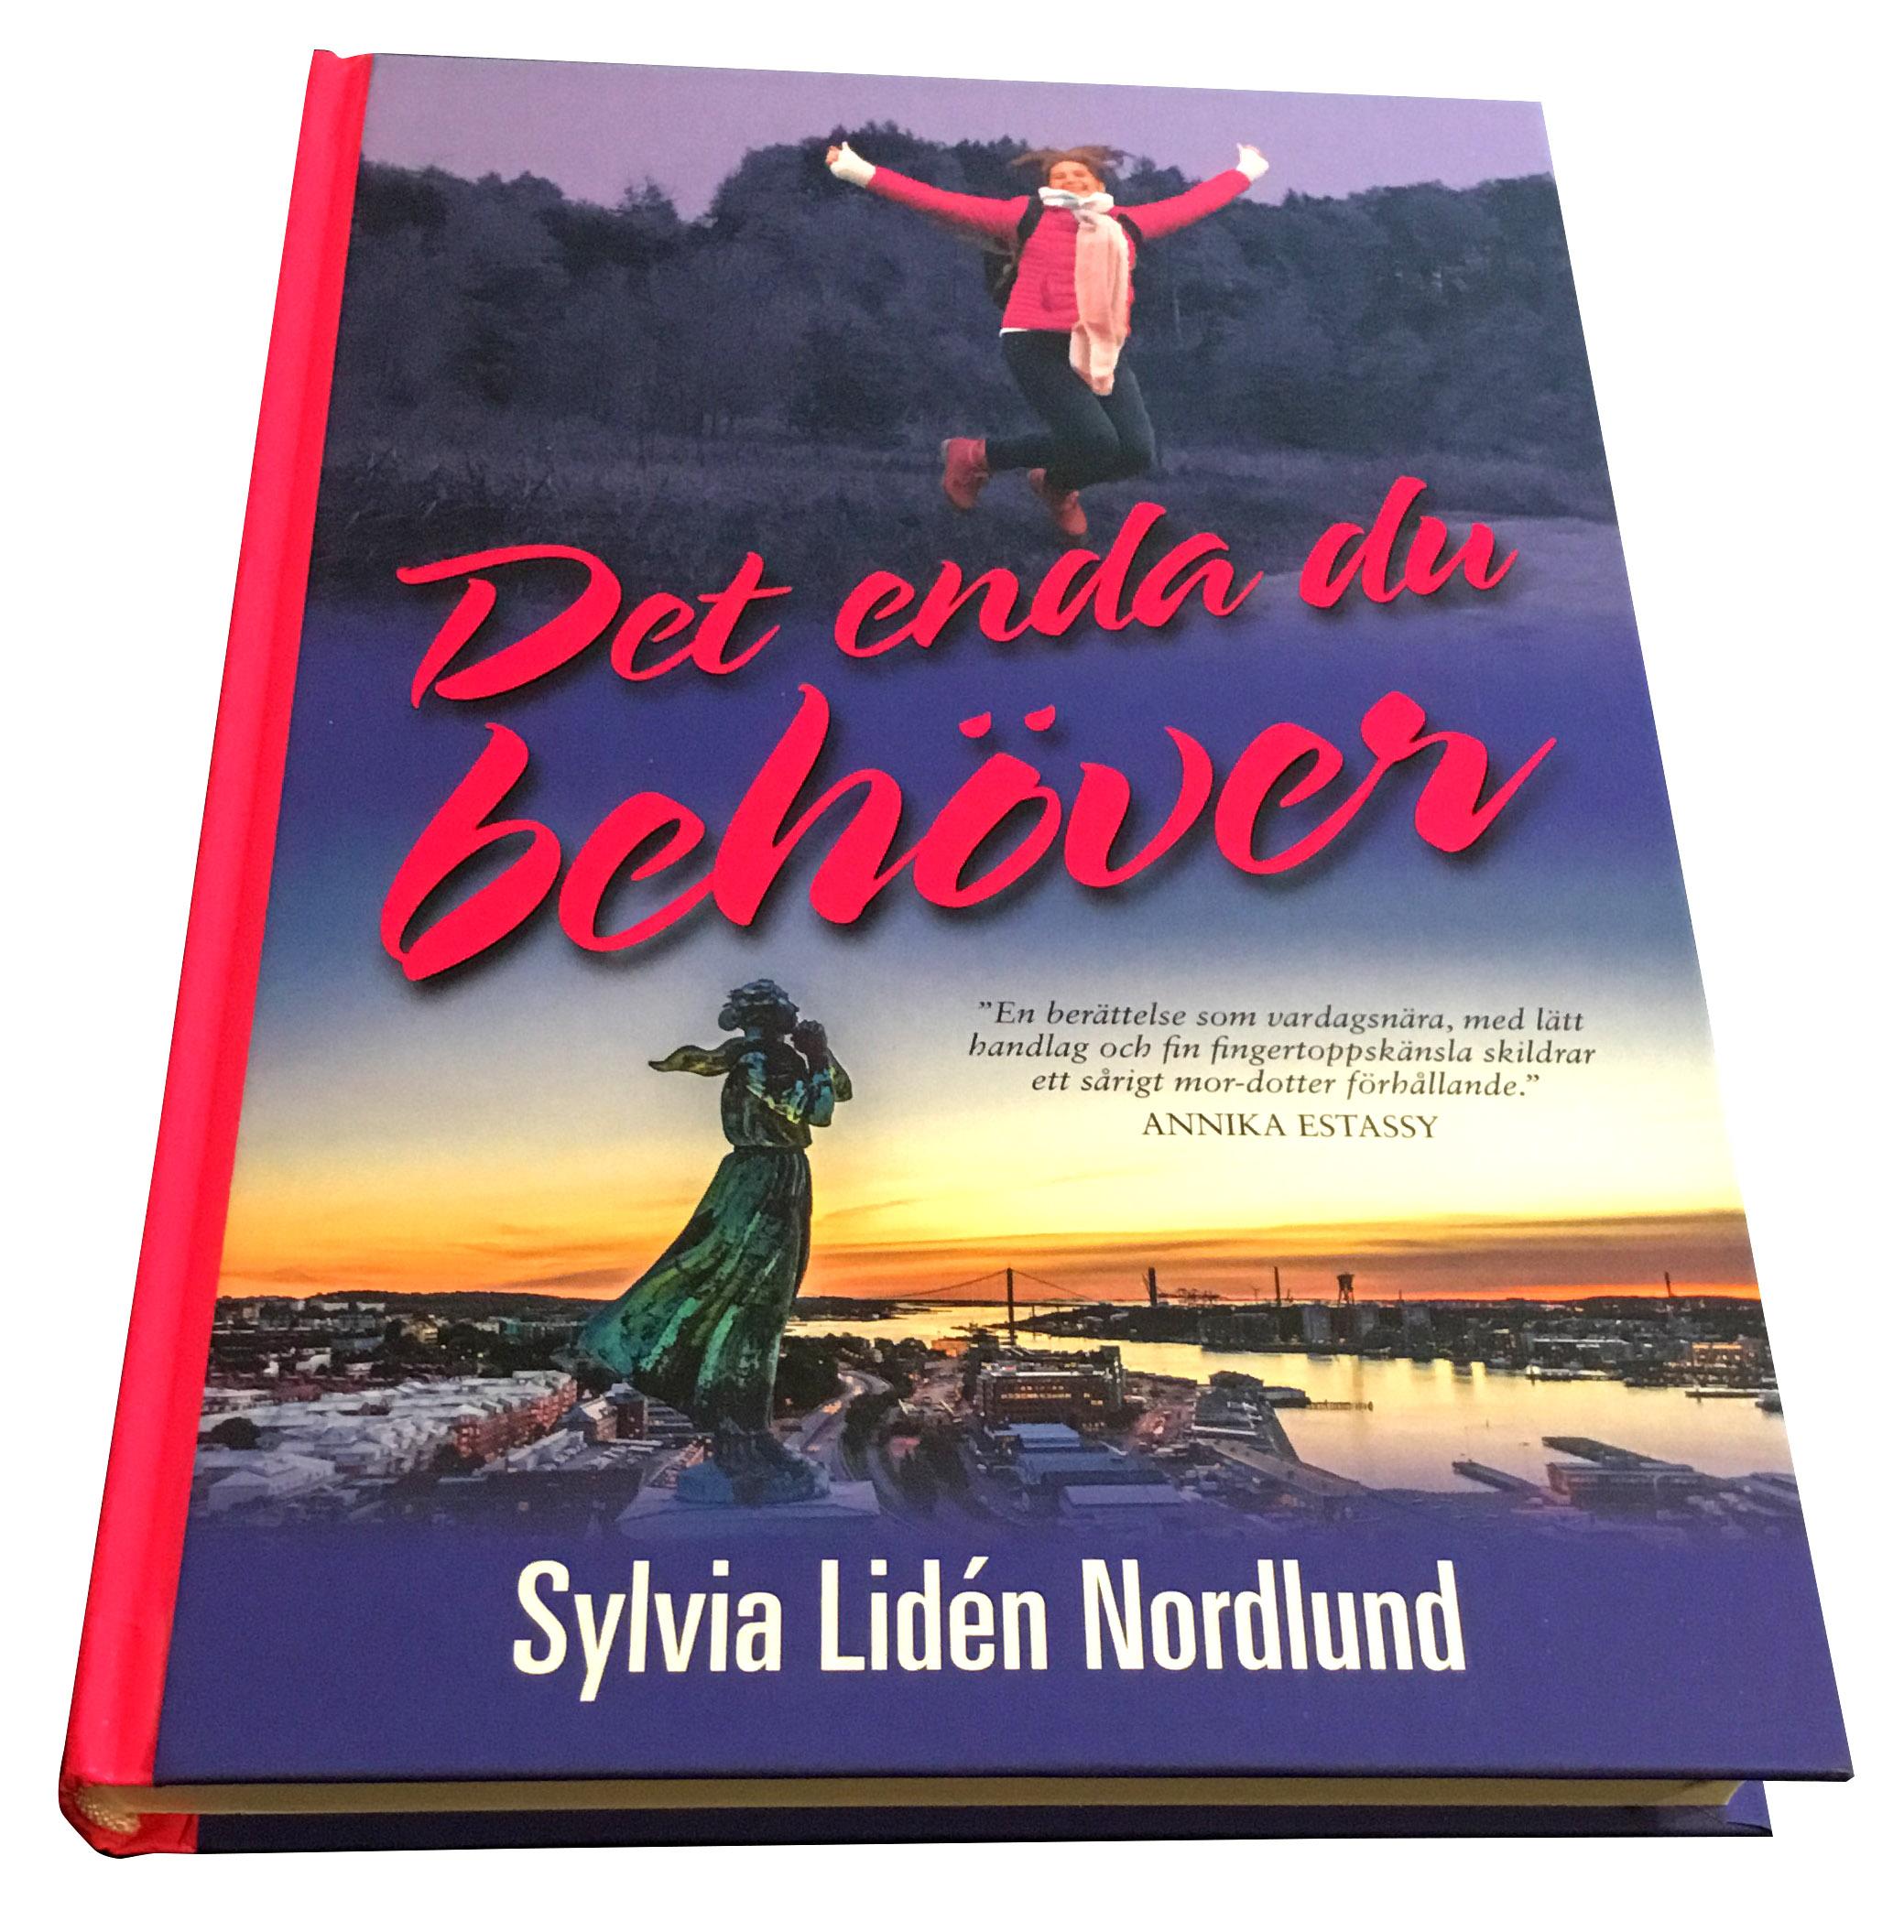 Det enda du behöver / Sylvia Lidén Nordlund